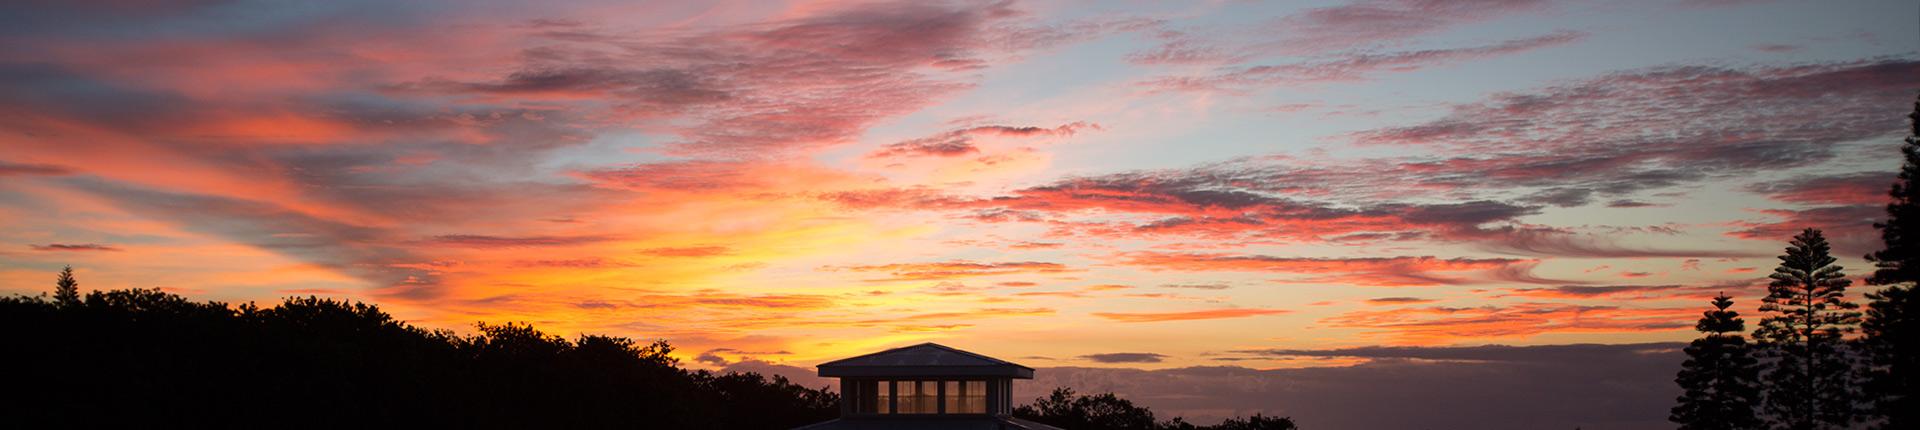 Sunrise at Kalaekilohana Inn & Retreat